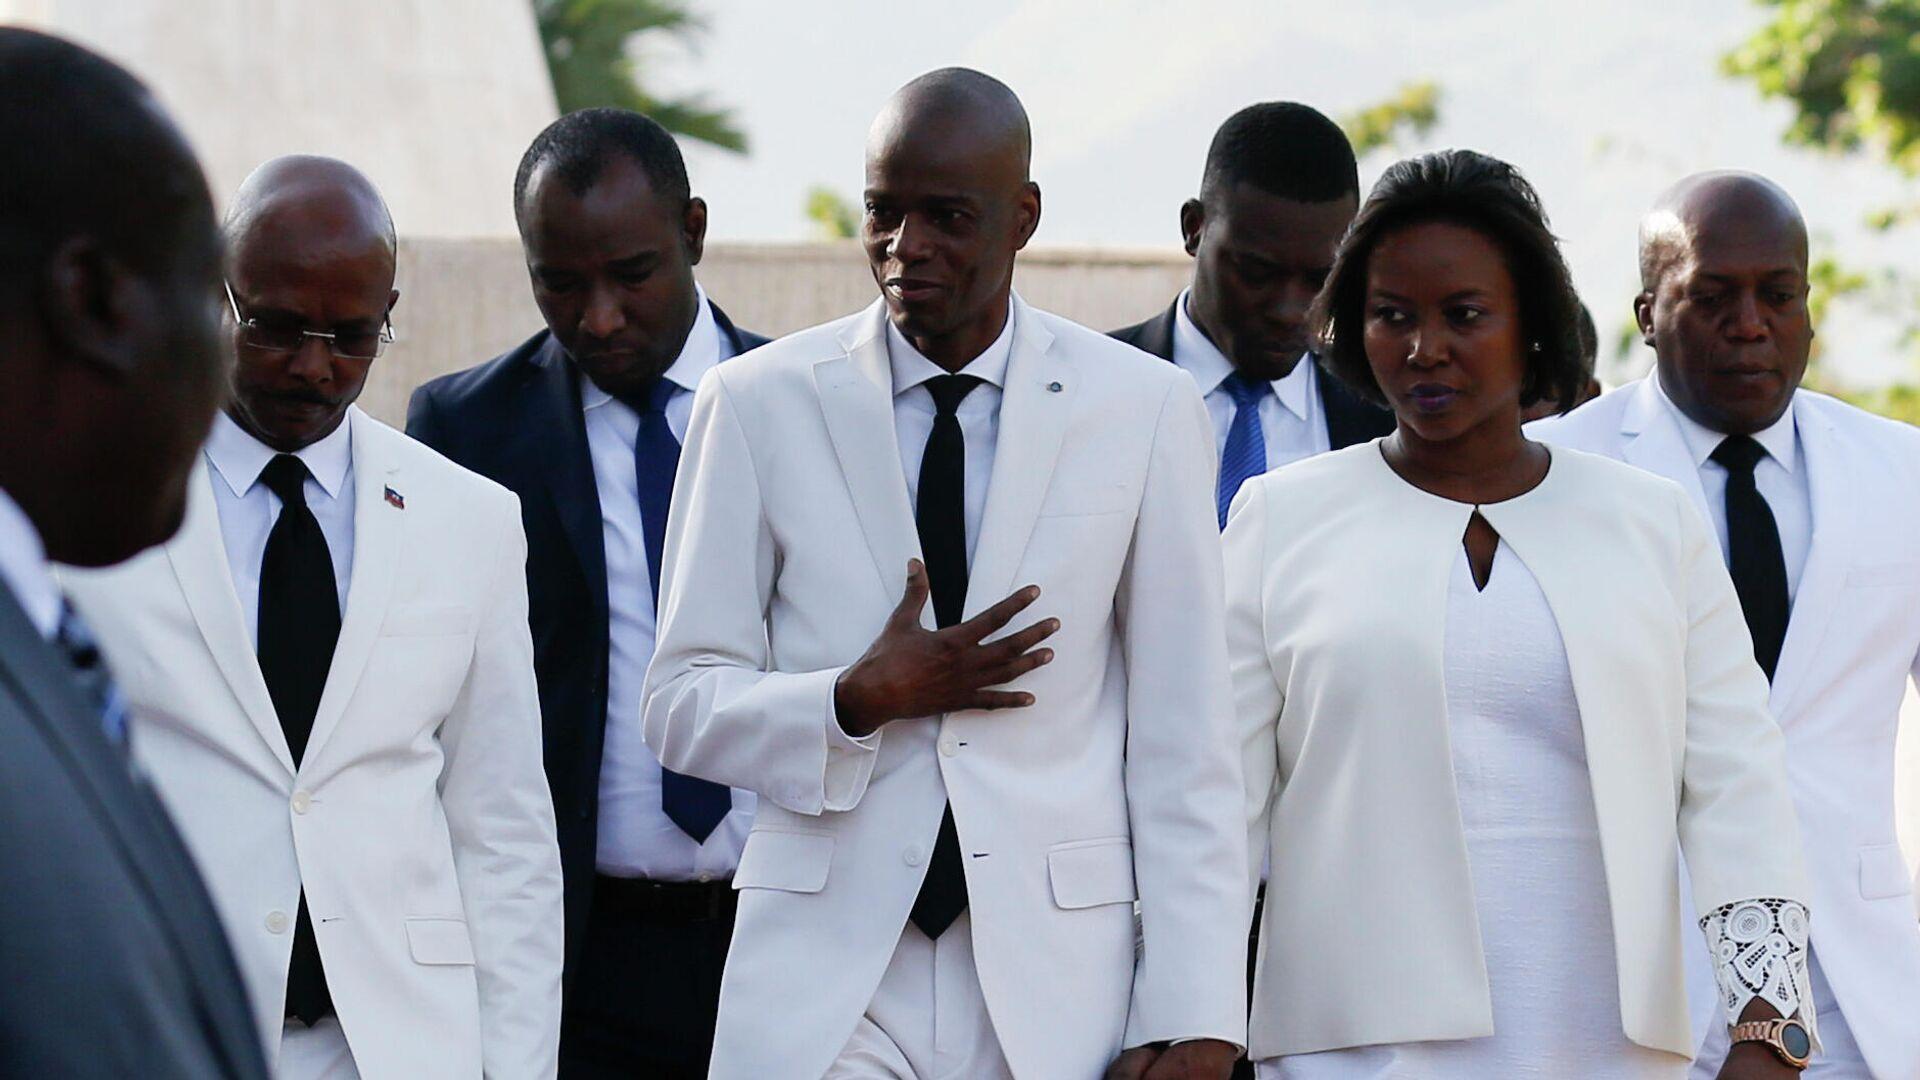 Der haitianische Präsident Jovenel Moïse und seine Frau Martine (Archivfoto) - SNA, 1920, 10.07.2021